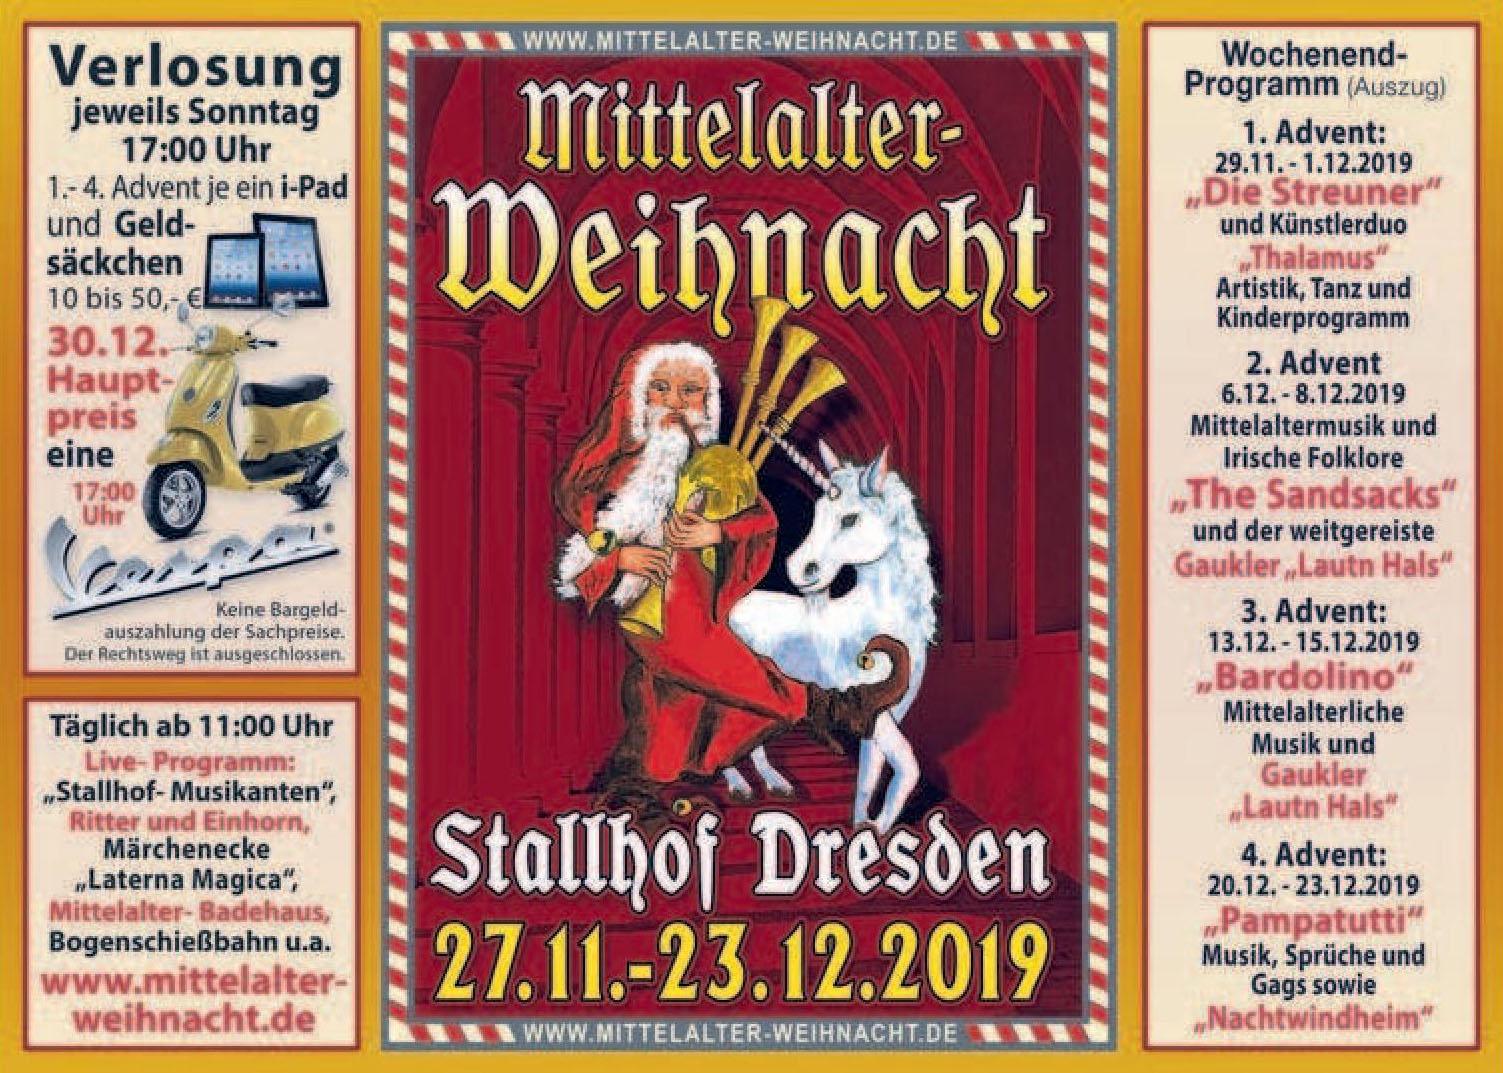 Mittelalter Weihnacht